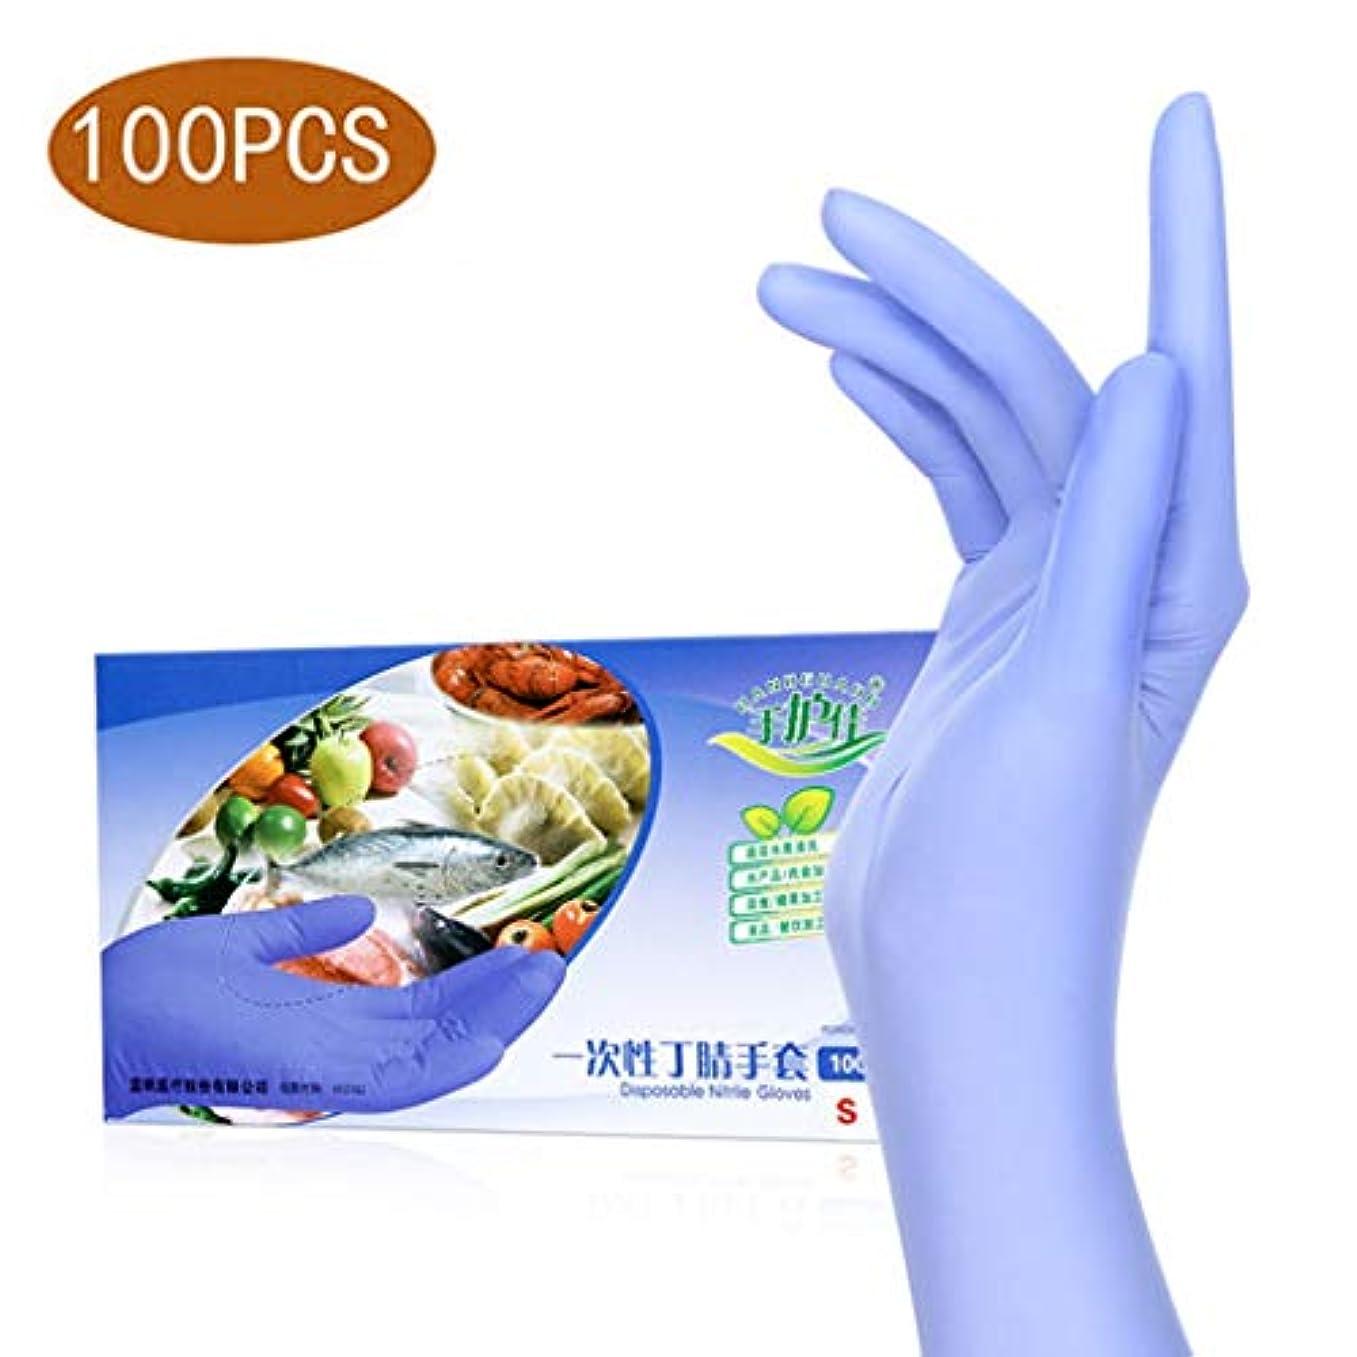 パテ川レシピペストリーケーキベーキングニトリル手袋ビニール試験使い捨て手袋ゴム実験室労働保険と延長、5ミル、ビューティーサロンラテックスフリー、パウダーフリー、両手利き、100個 (Size : S)